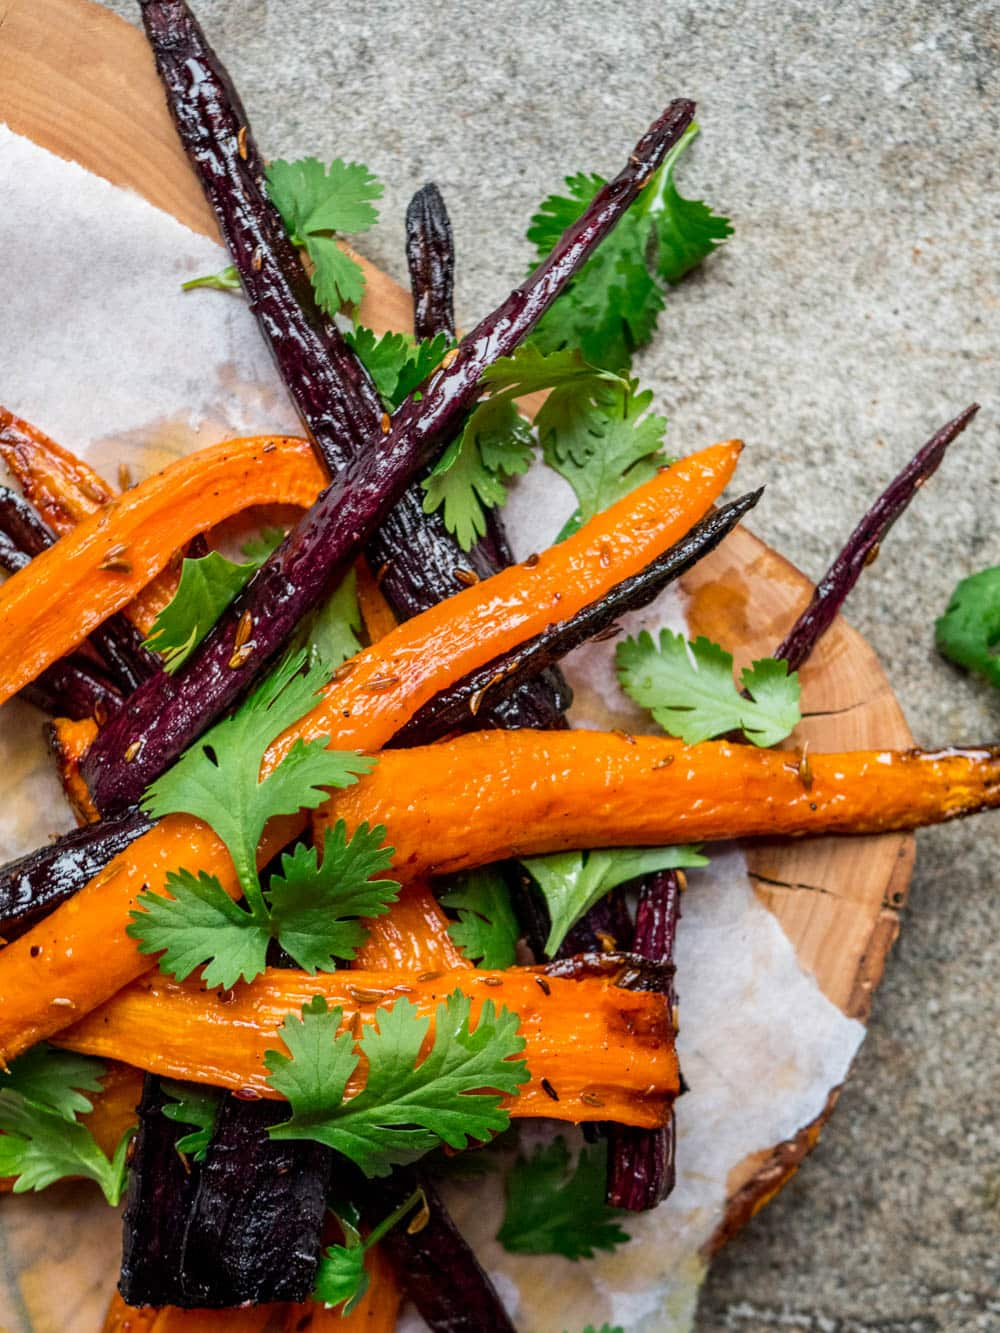 Bakt gulrotsalat med koriander - oppskrift / Et kjøkken i Istanbul